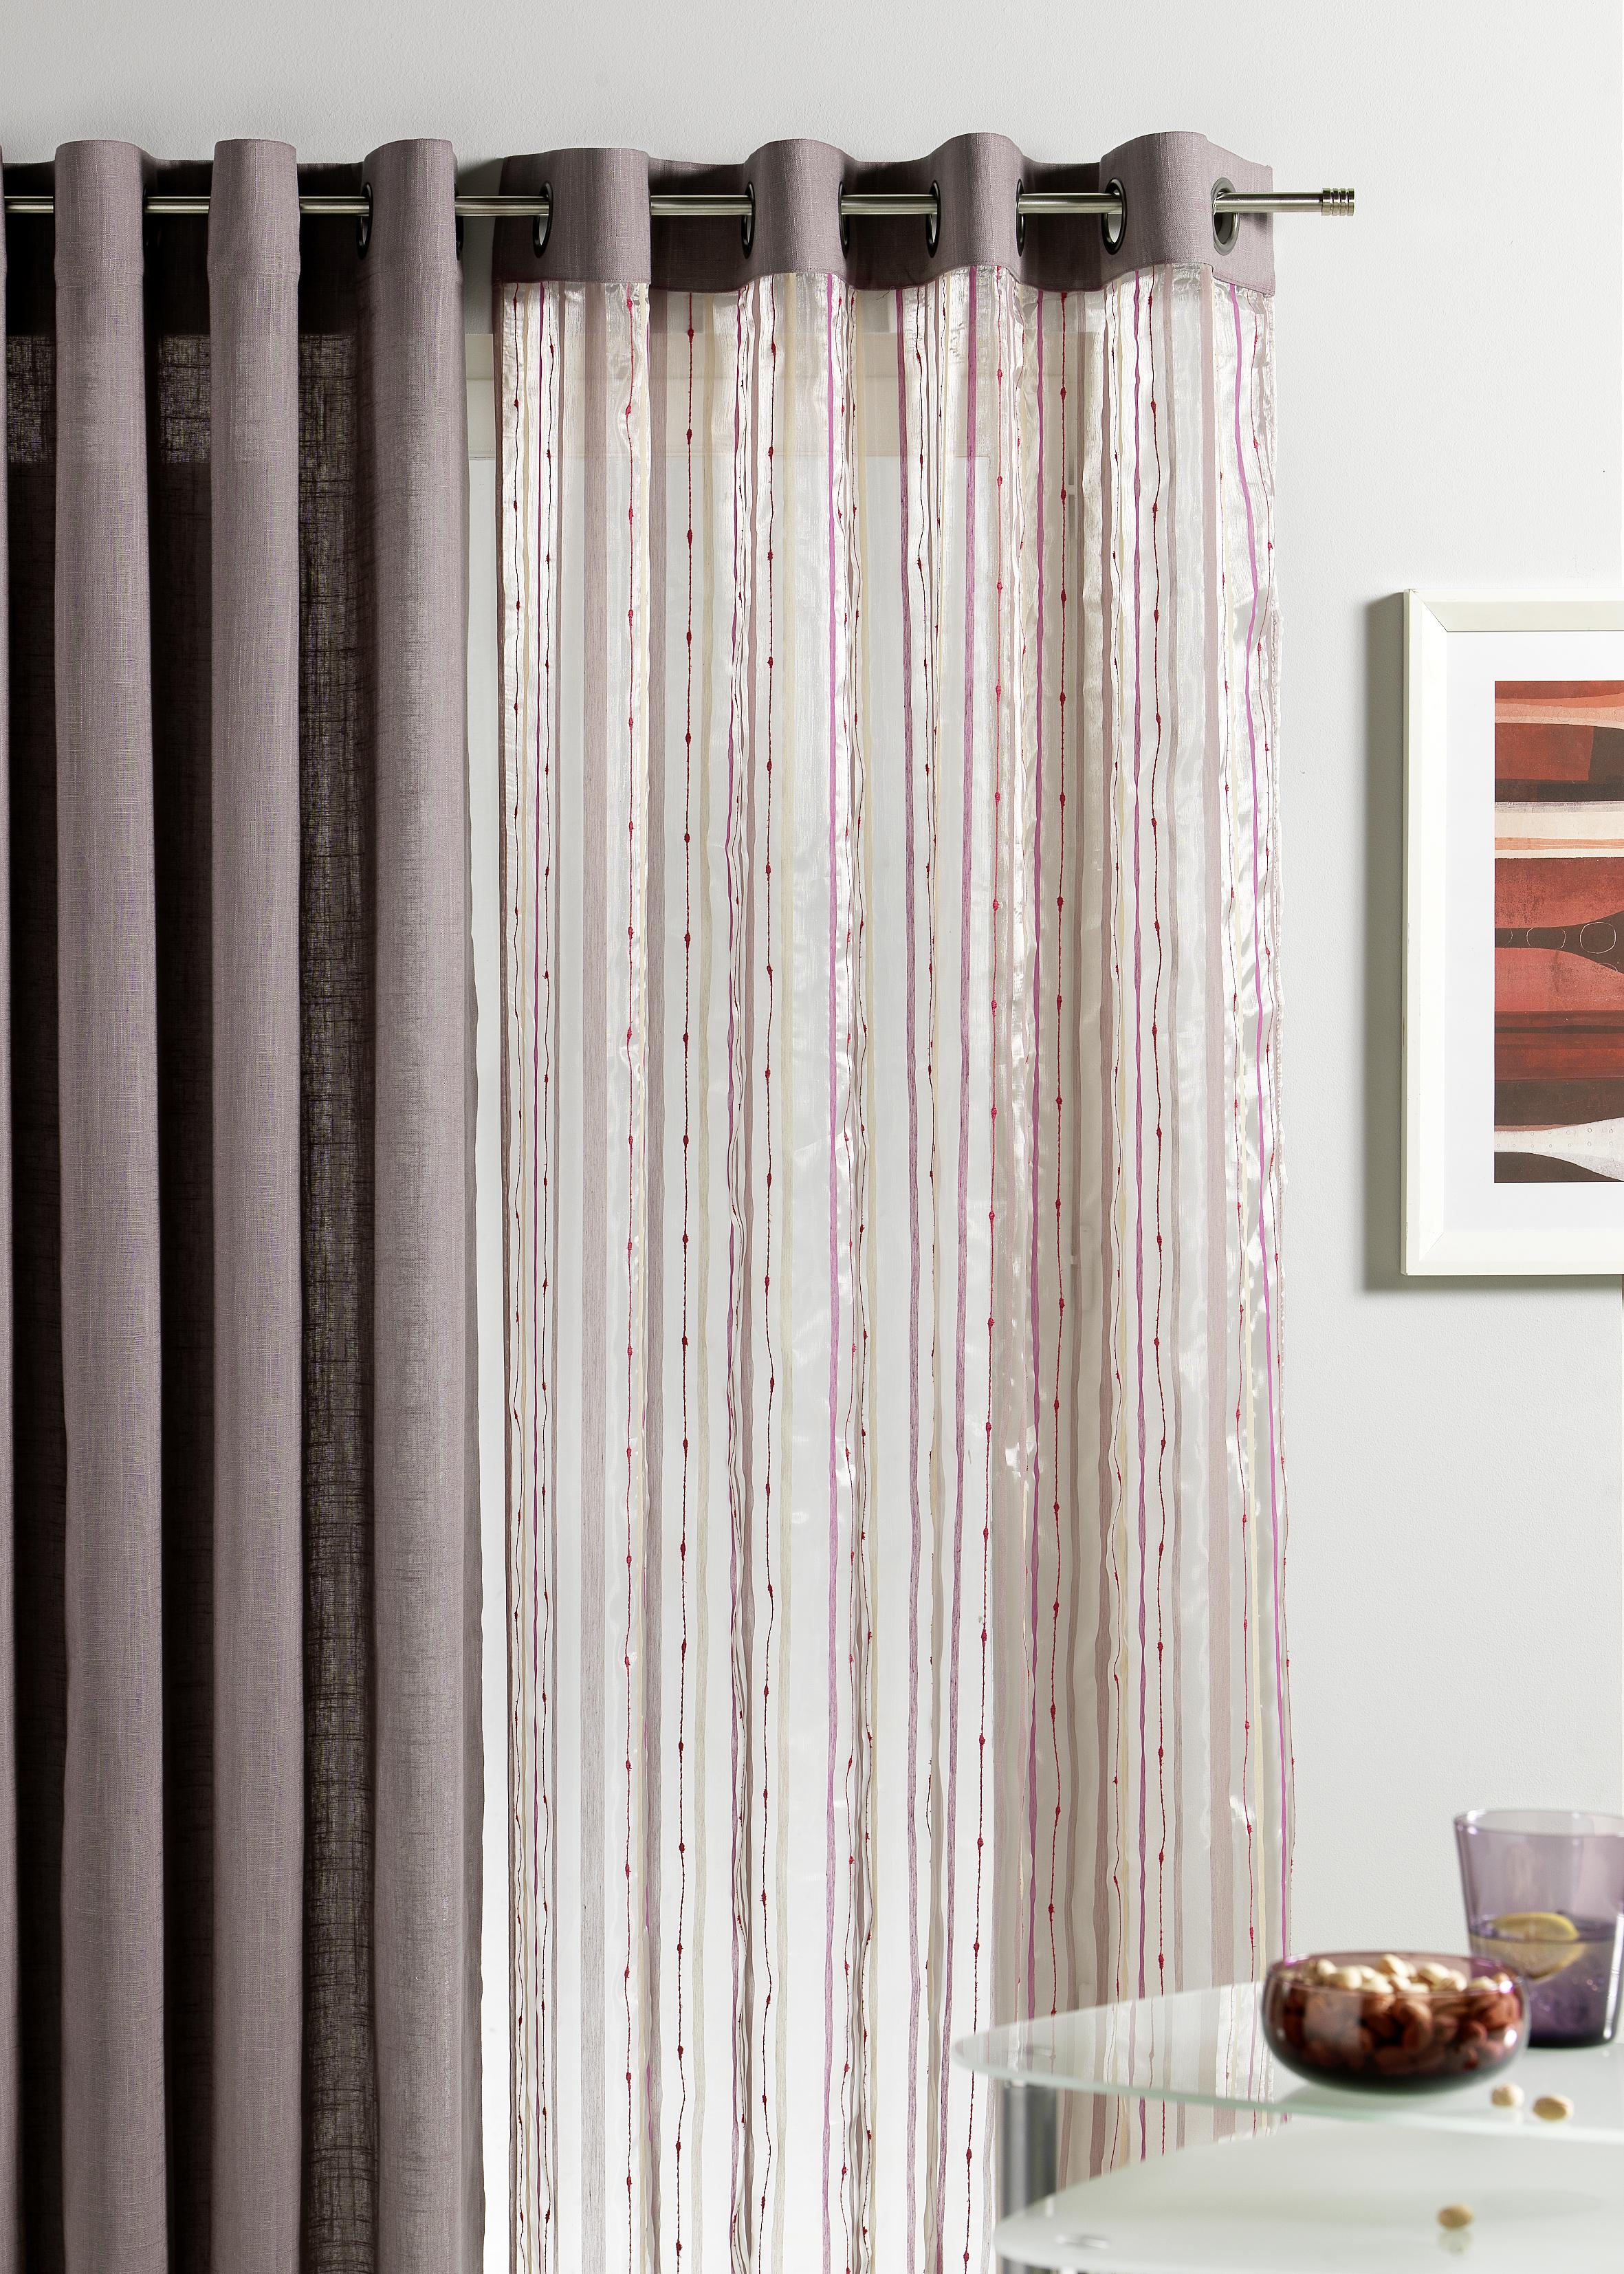 Cortinas De Baño Aki:fantasía cortina casa envío gratis disponible 46 90 cortina bouchara